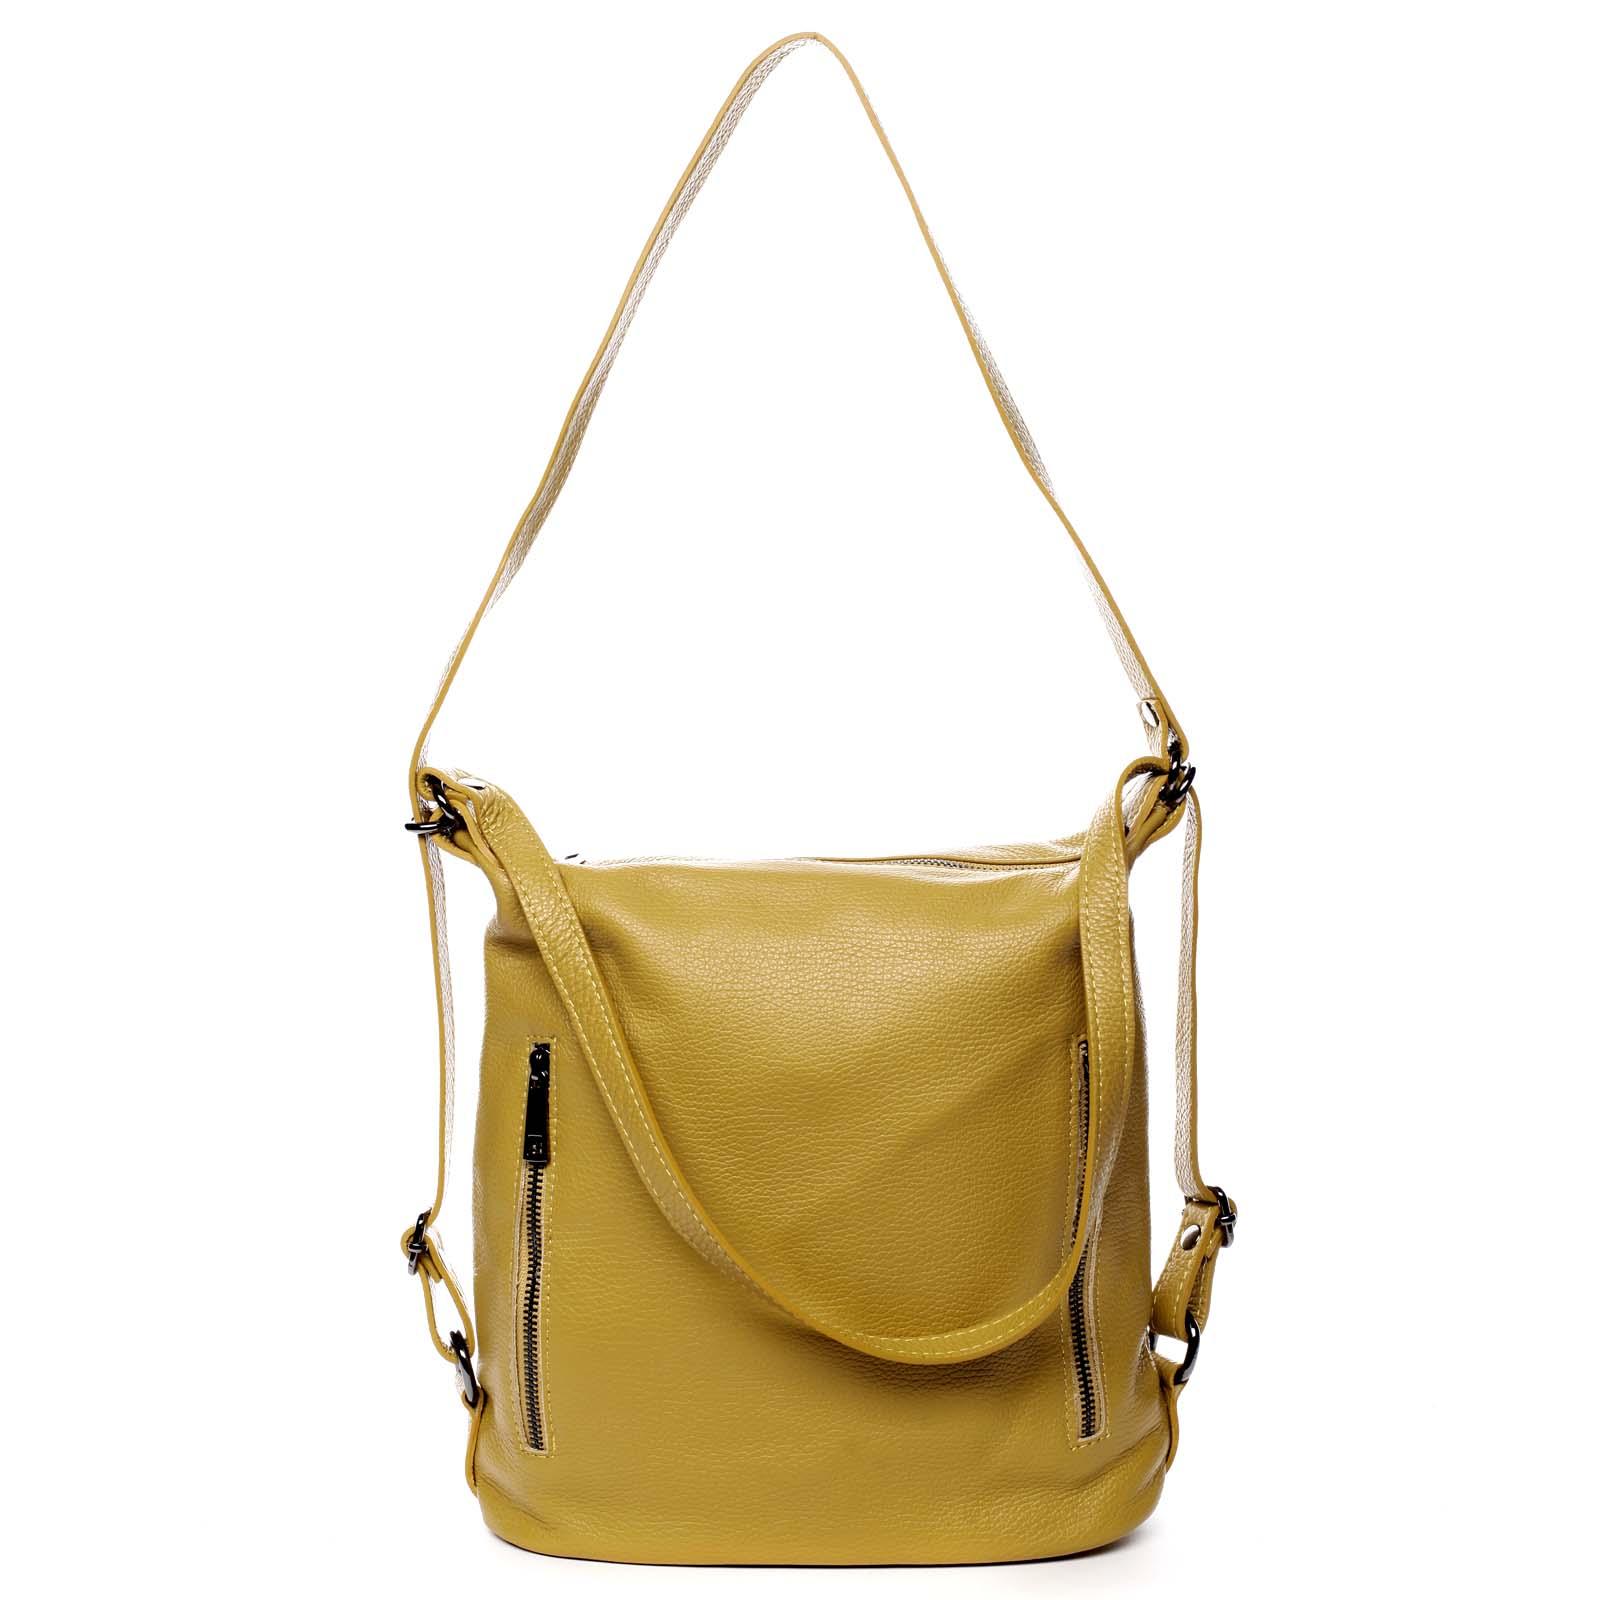 Dámská kožená kabelka batoh žlutá - ItalY Nadine